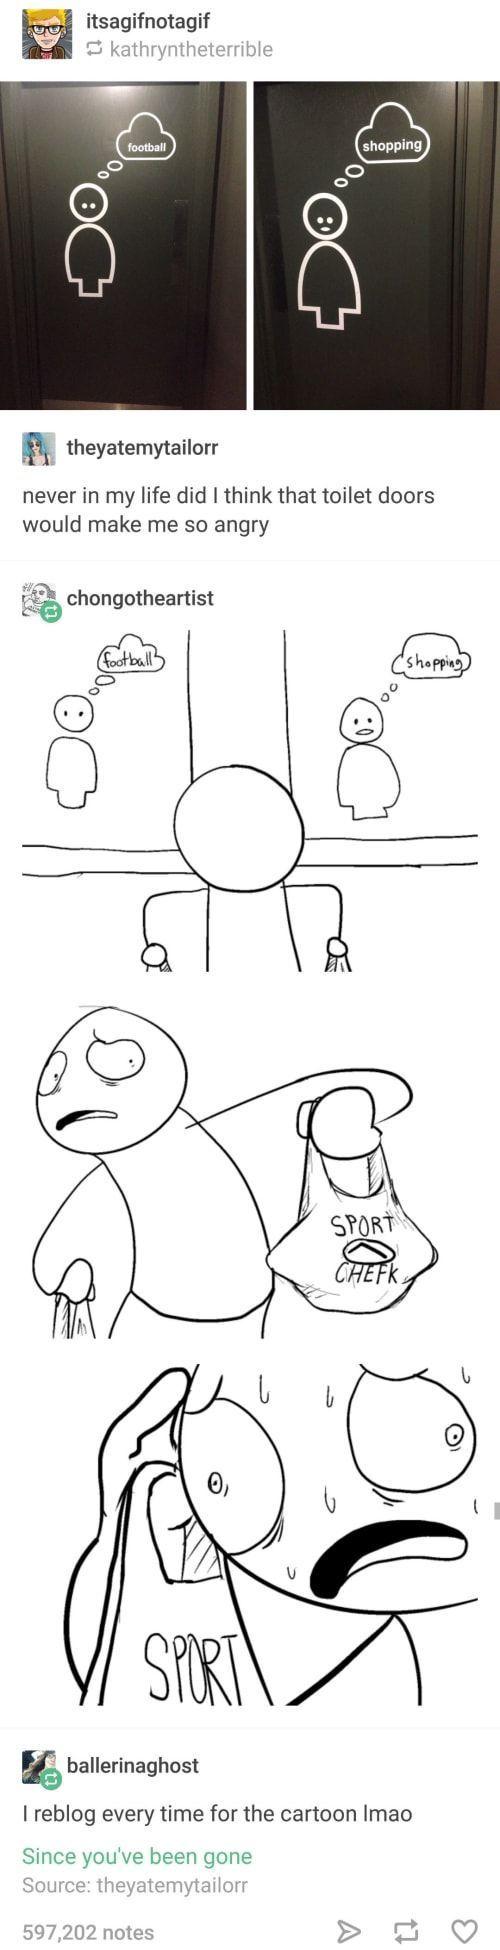 51 Lustige Tumblr-Beiträge die alle lustig sind kein Füllstoff  #alle #die  #memes #jokes #funny #humor